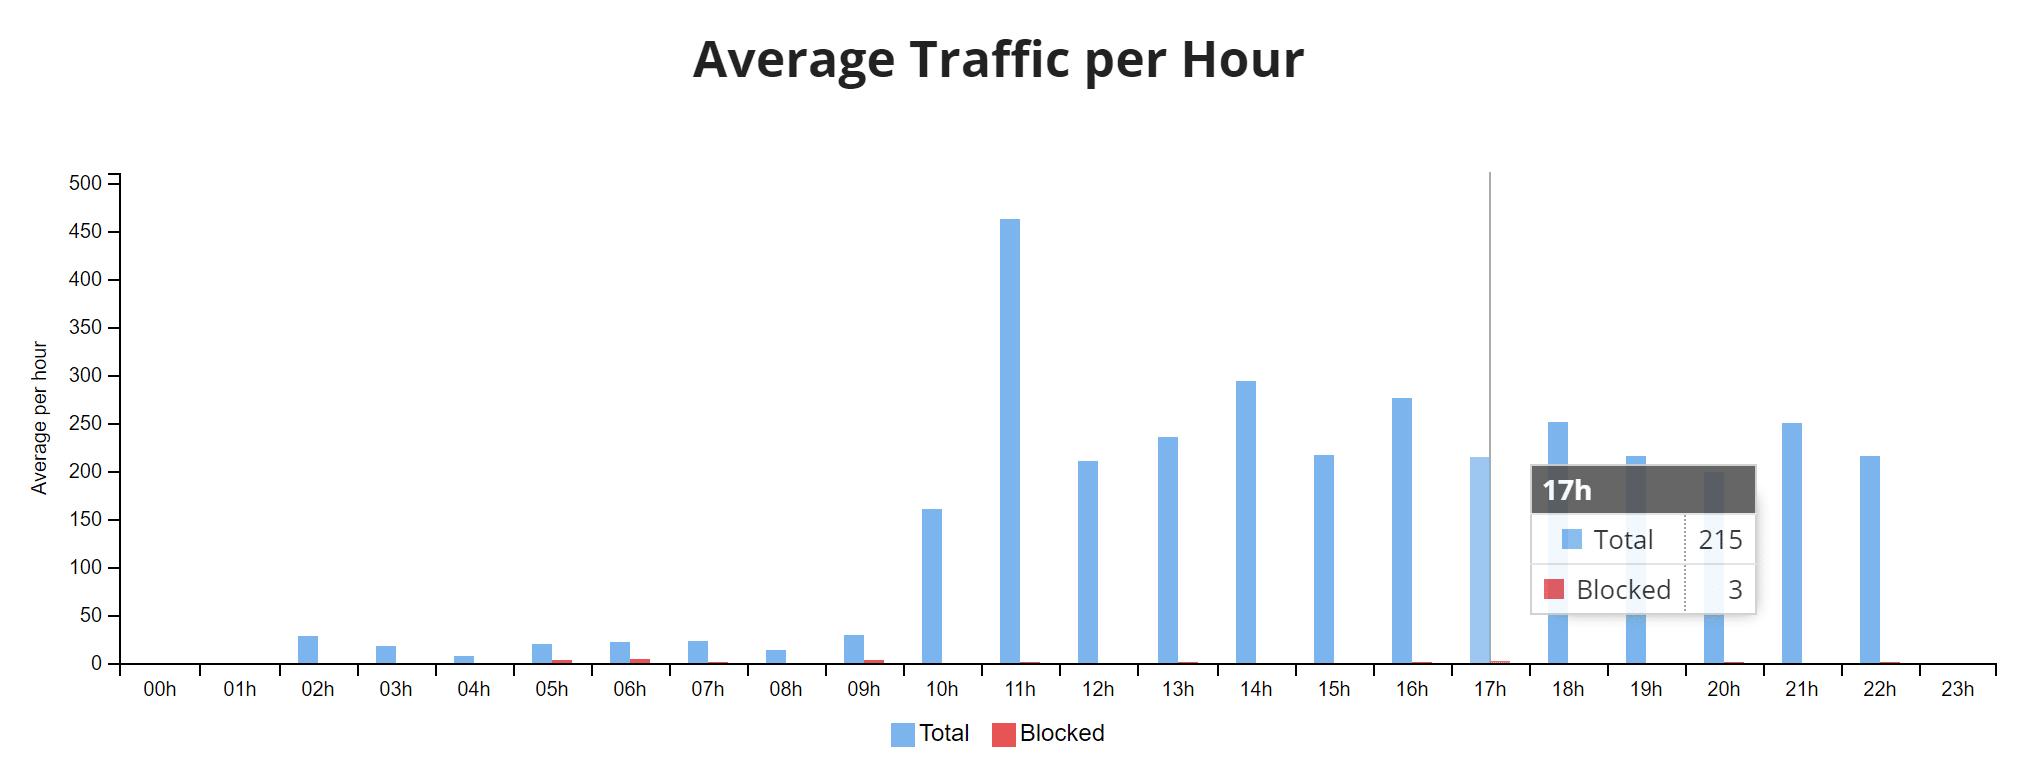 Genomsnittlig trafik per timme